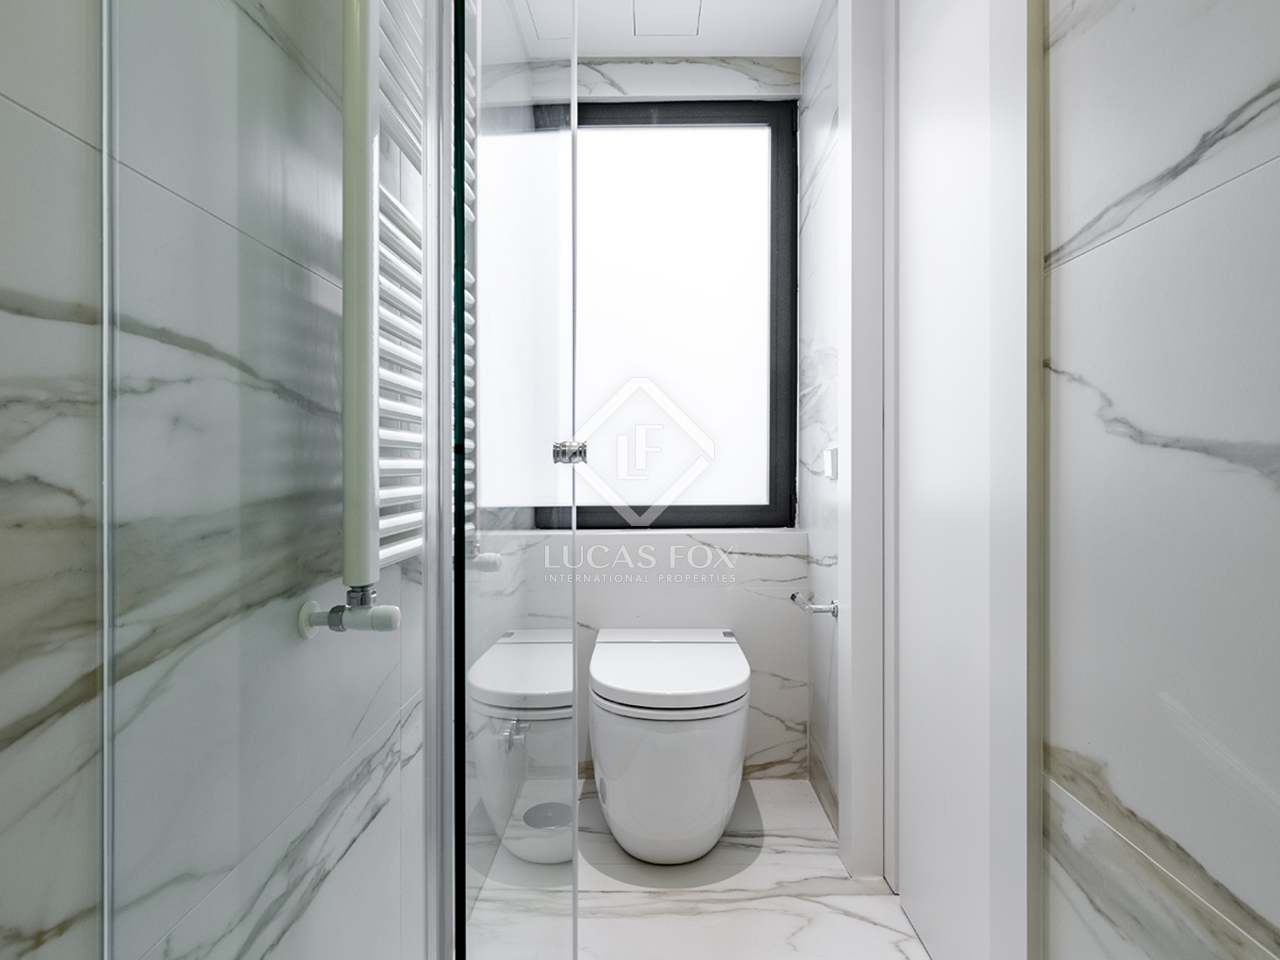 Nieuwe Badkamer Huurhuis : Recht op nieuwe keuken huurwoning op zoek naar een huurwoning op